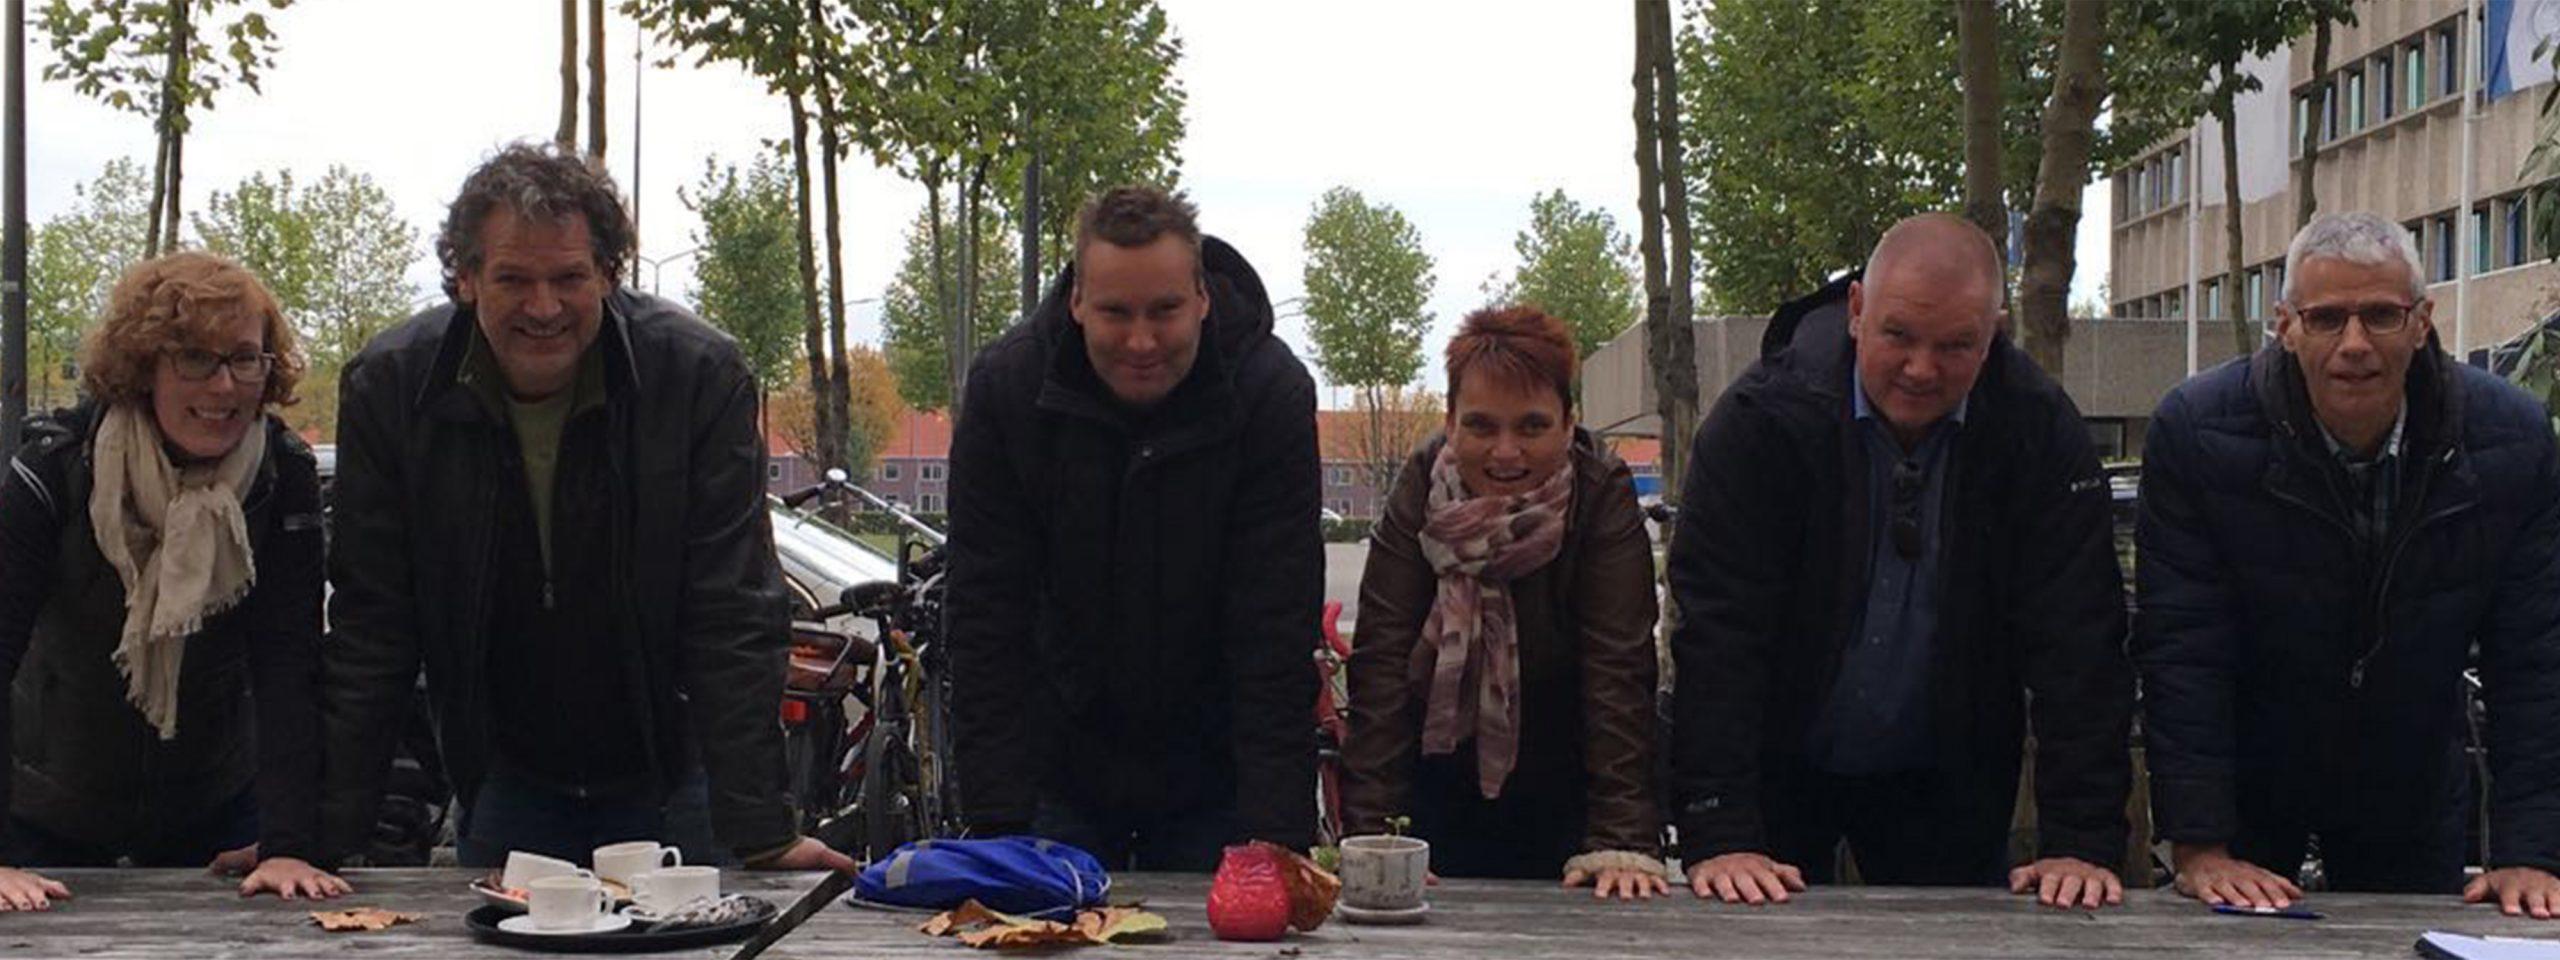 citygame-eindhoven- groepsactiviteiten